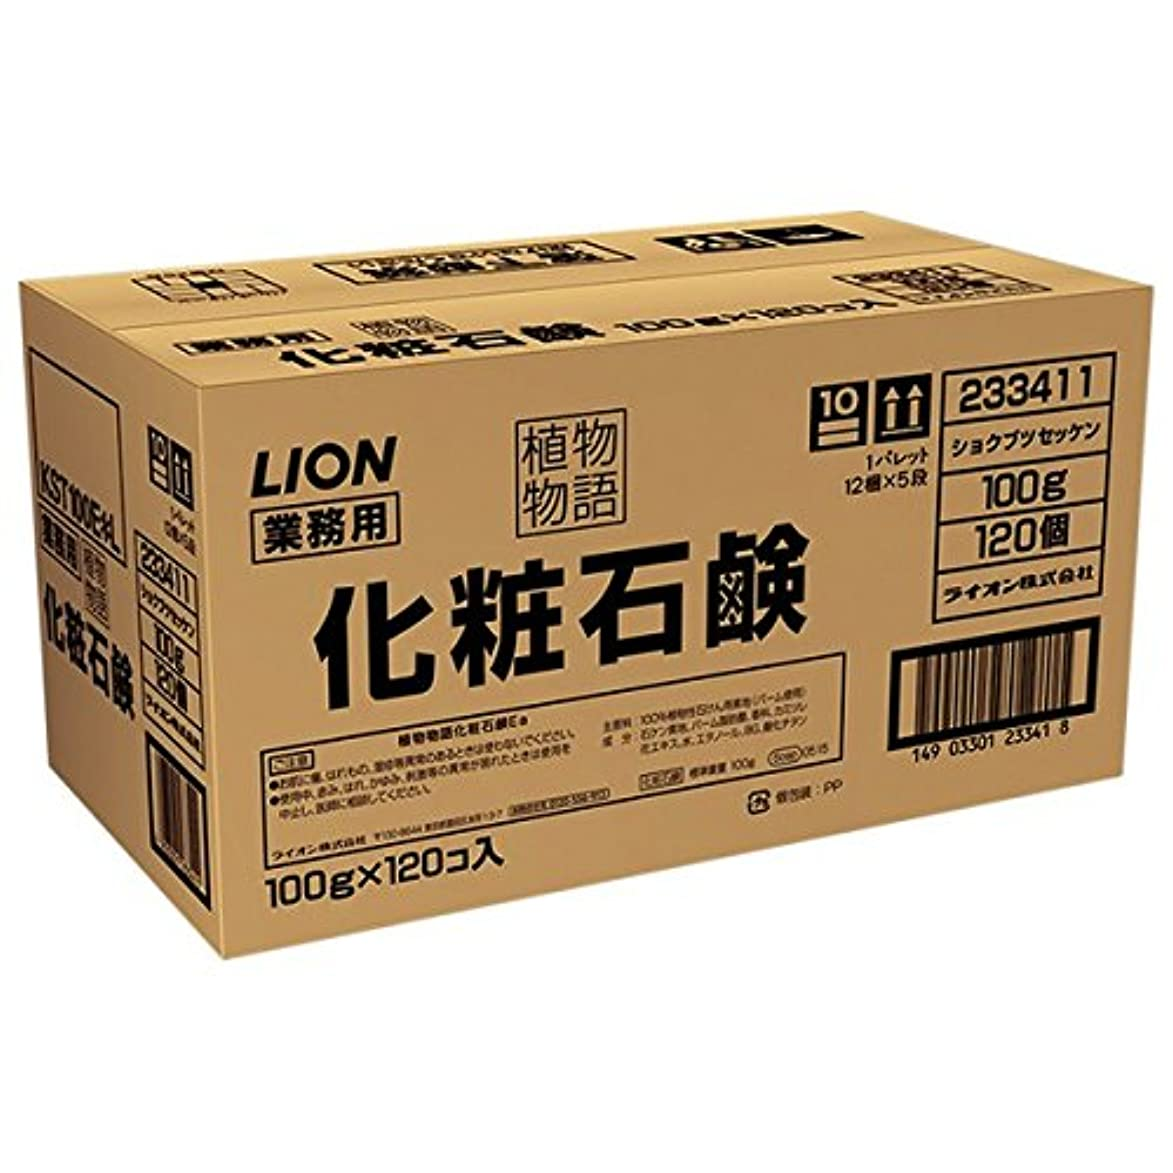 スペイン語カカドゥ万一に備えてライオン 植物物語 化粧石鹸 業務用 100g 1箱(120個)